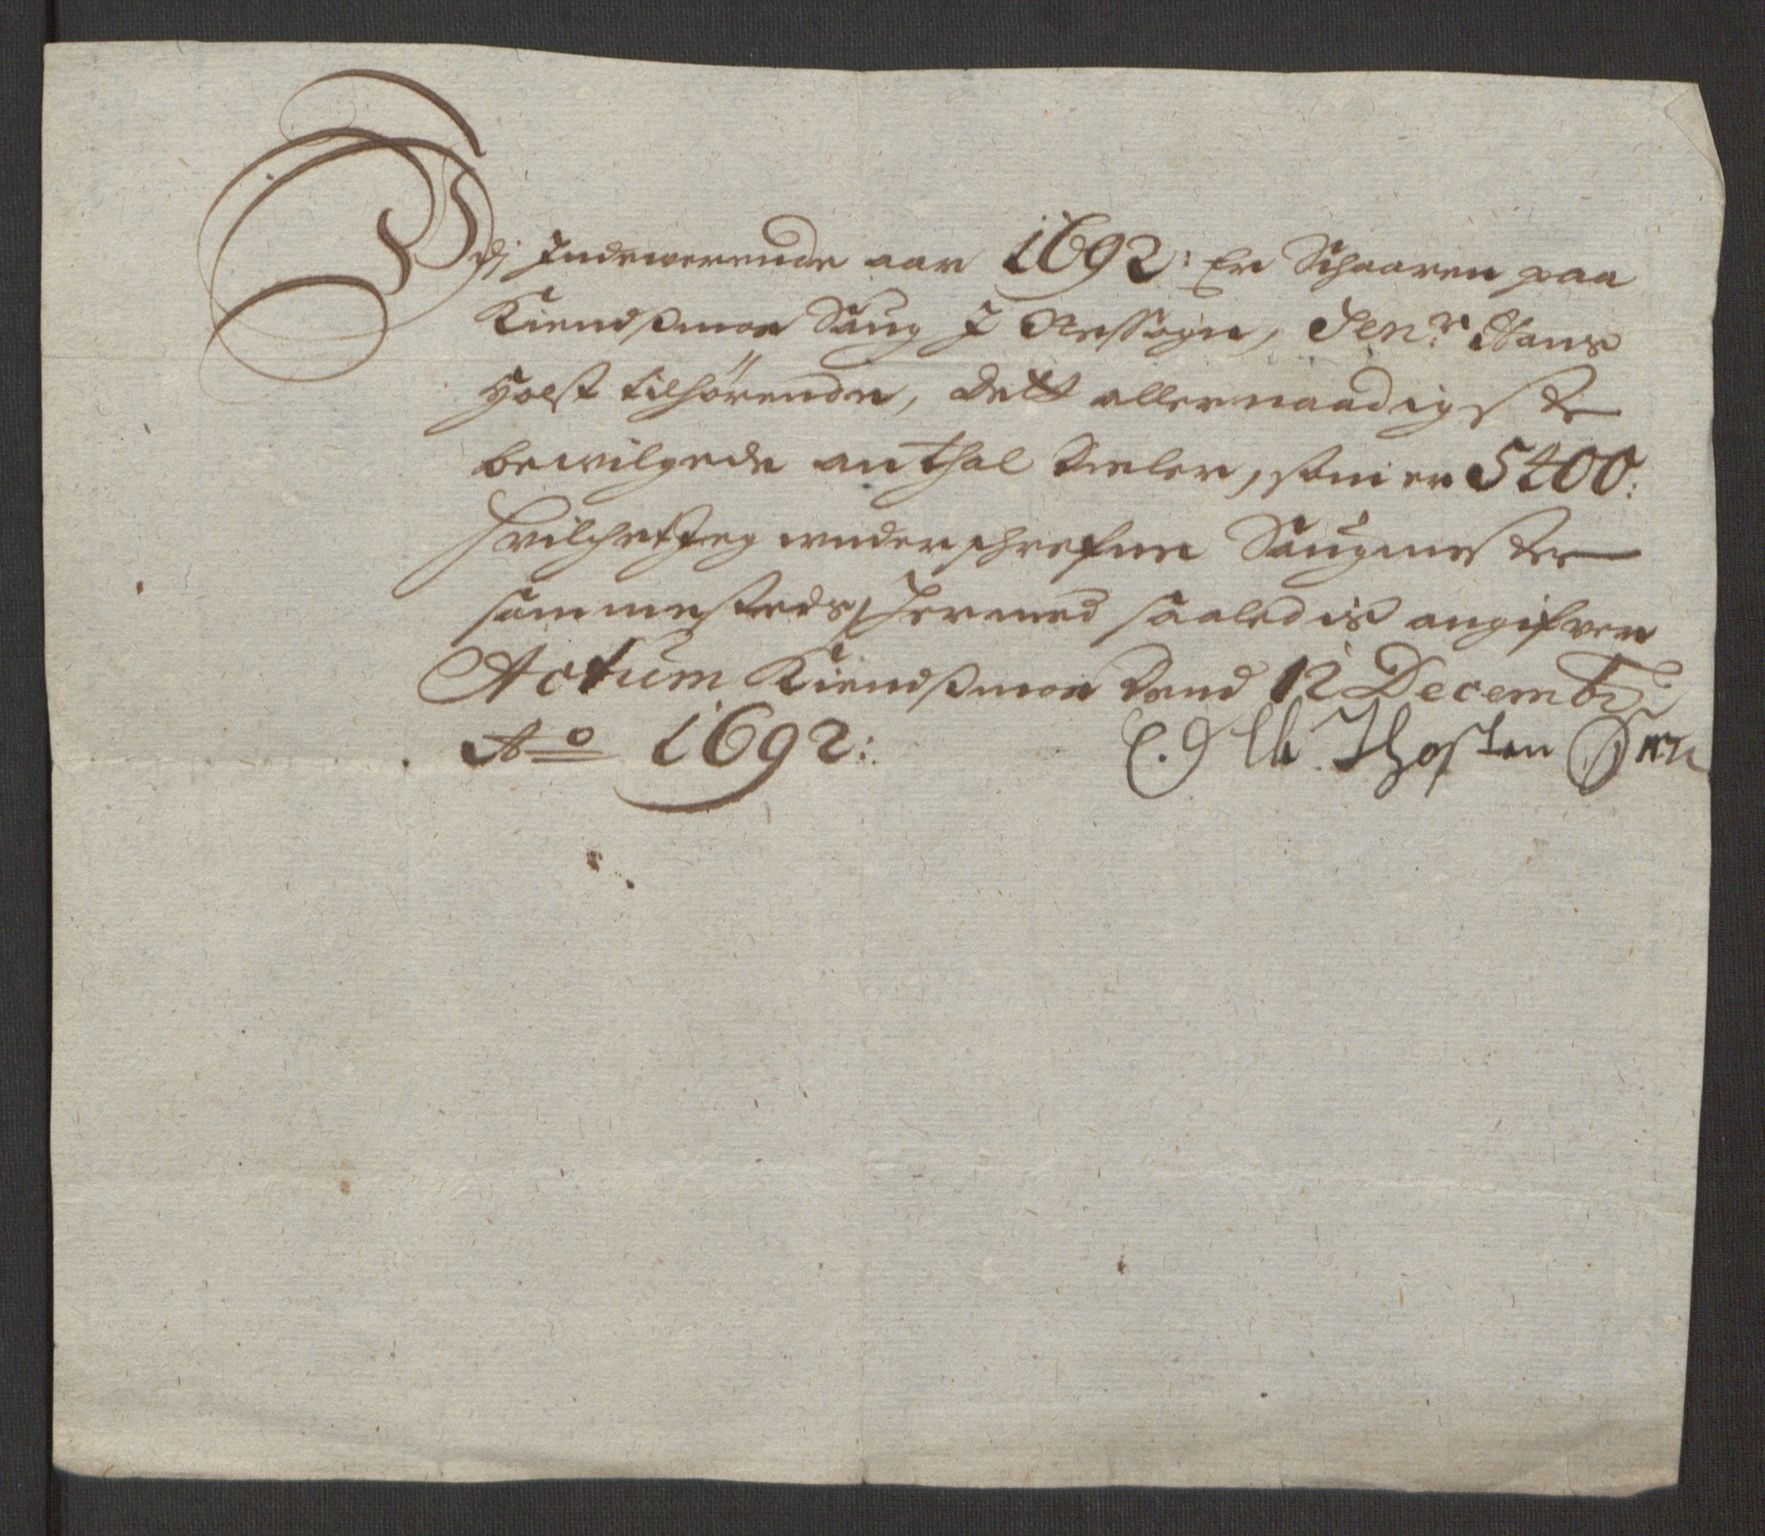 RA, Rentekammeret inntil 1814, Reviderte regnskaper, Fogderegnskap, R12/L0704: Fogderegnskap Øvre Romerike, 1692, s. 229